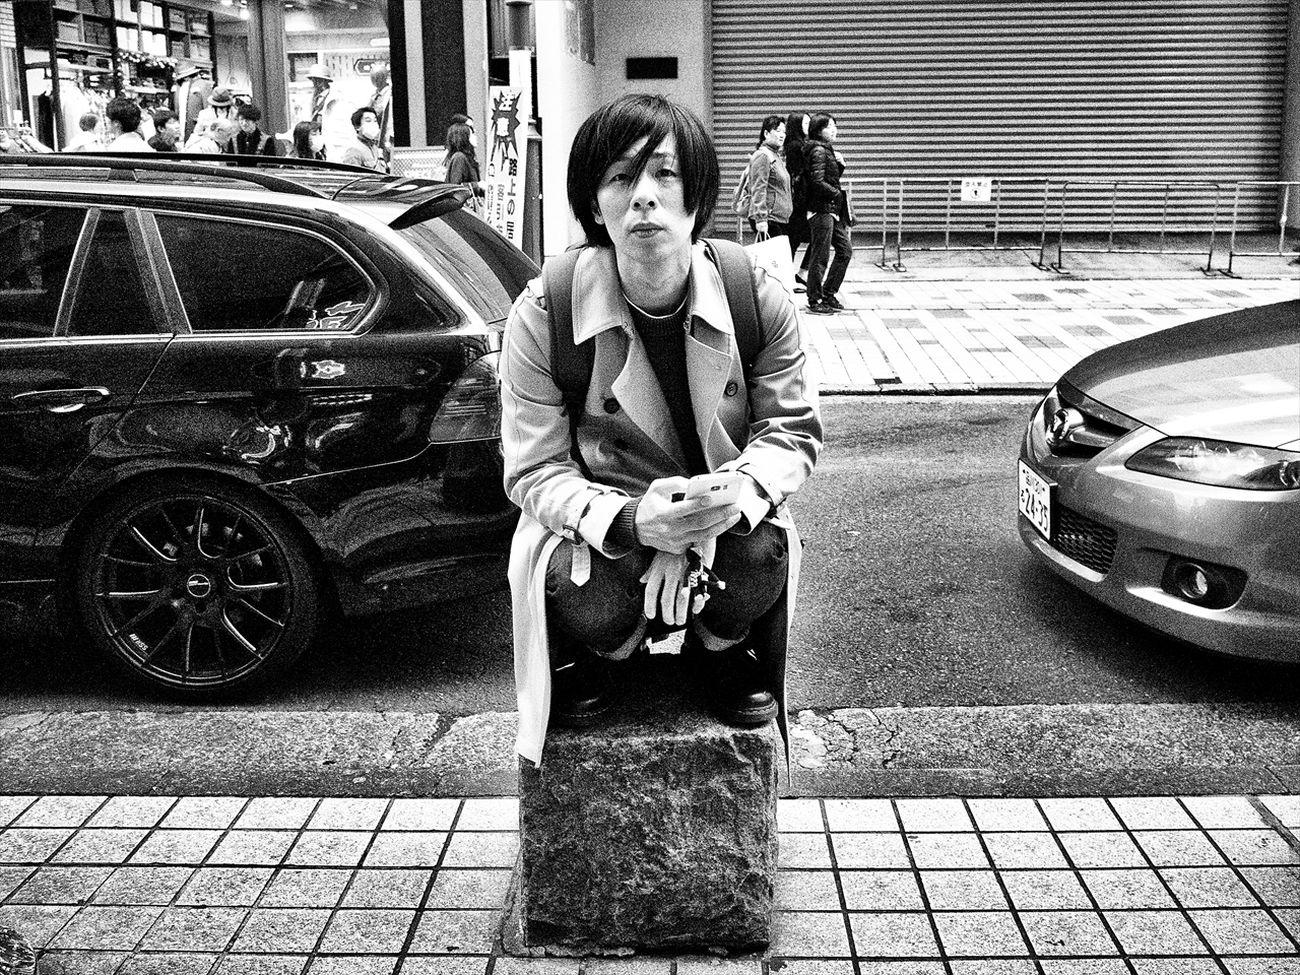 Shibuya SHINJYUKU Sting_the_street Street Streetphoto #streetphotography #streetlife_award #street_photography #street_shots #master_shots #street_photo_club Streetphoto_bw Streetphotographer Streetphotographers Streetphotography Tokyo